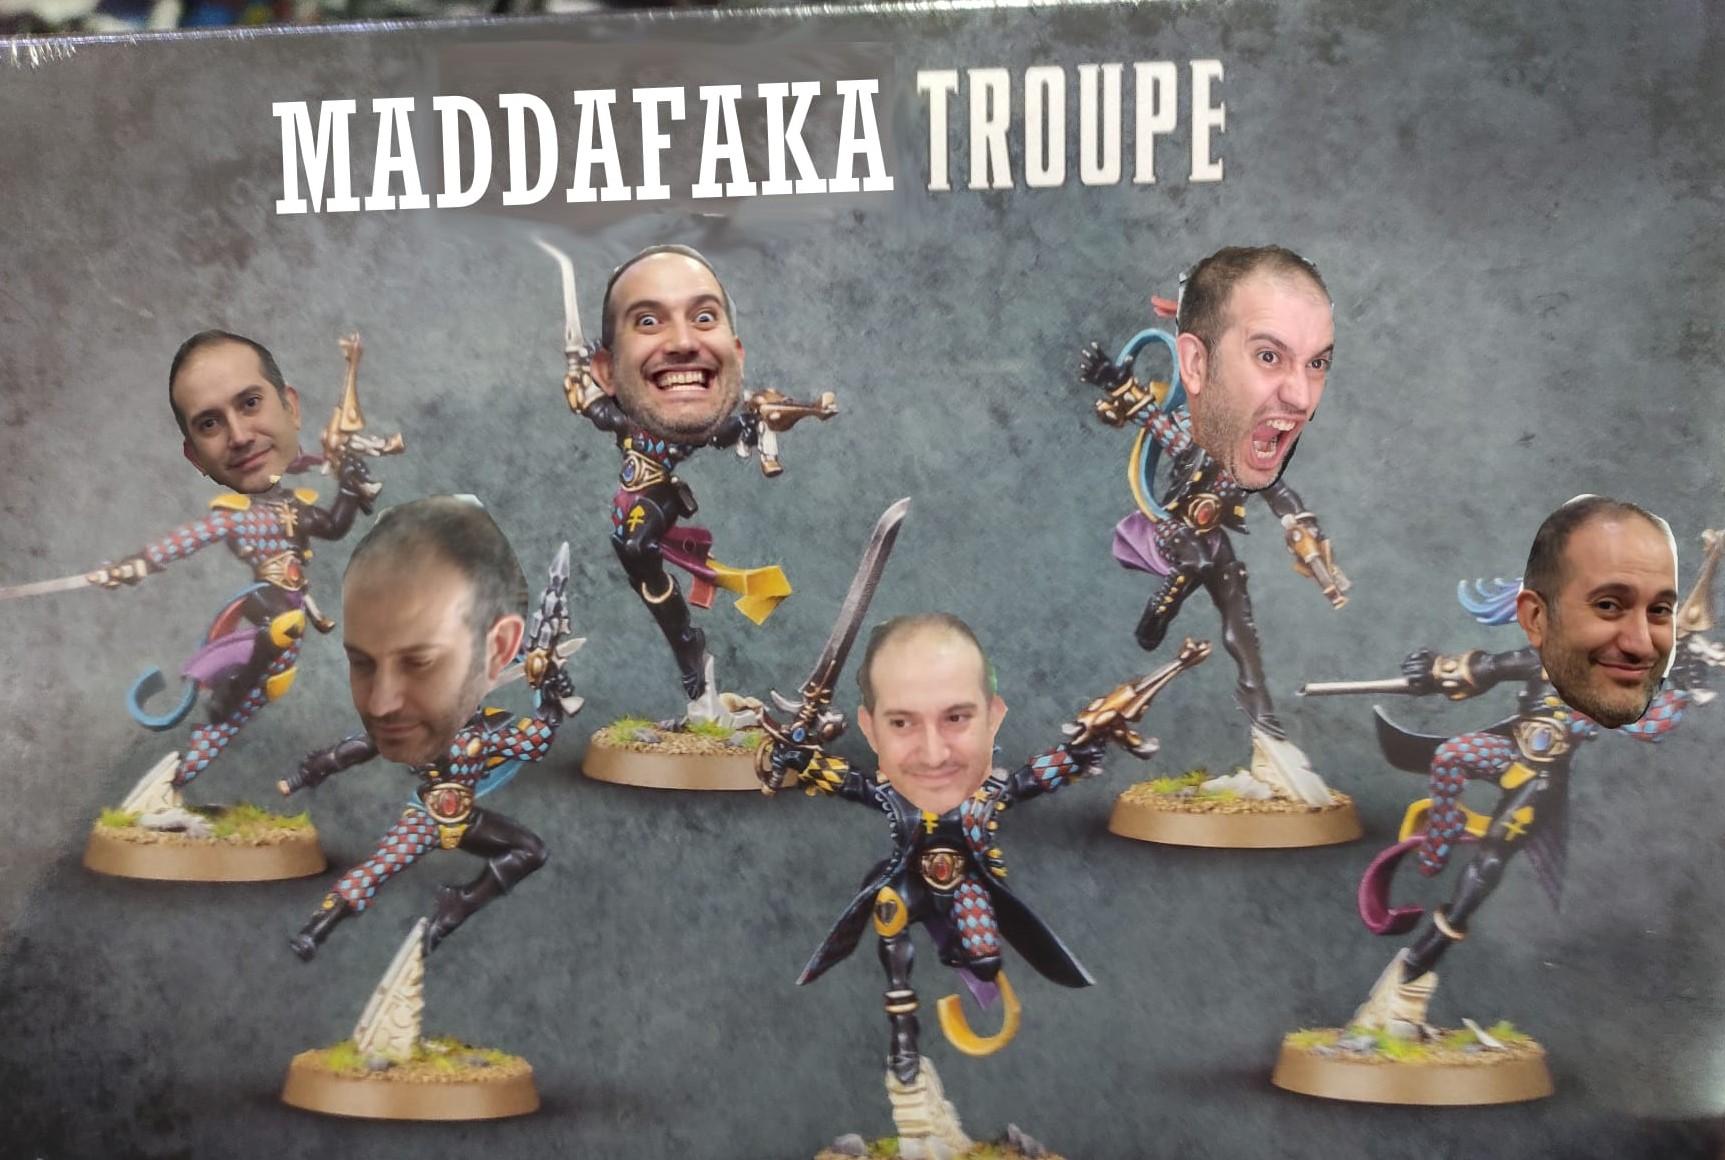 madafaka team